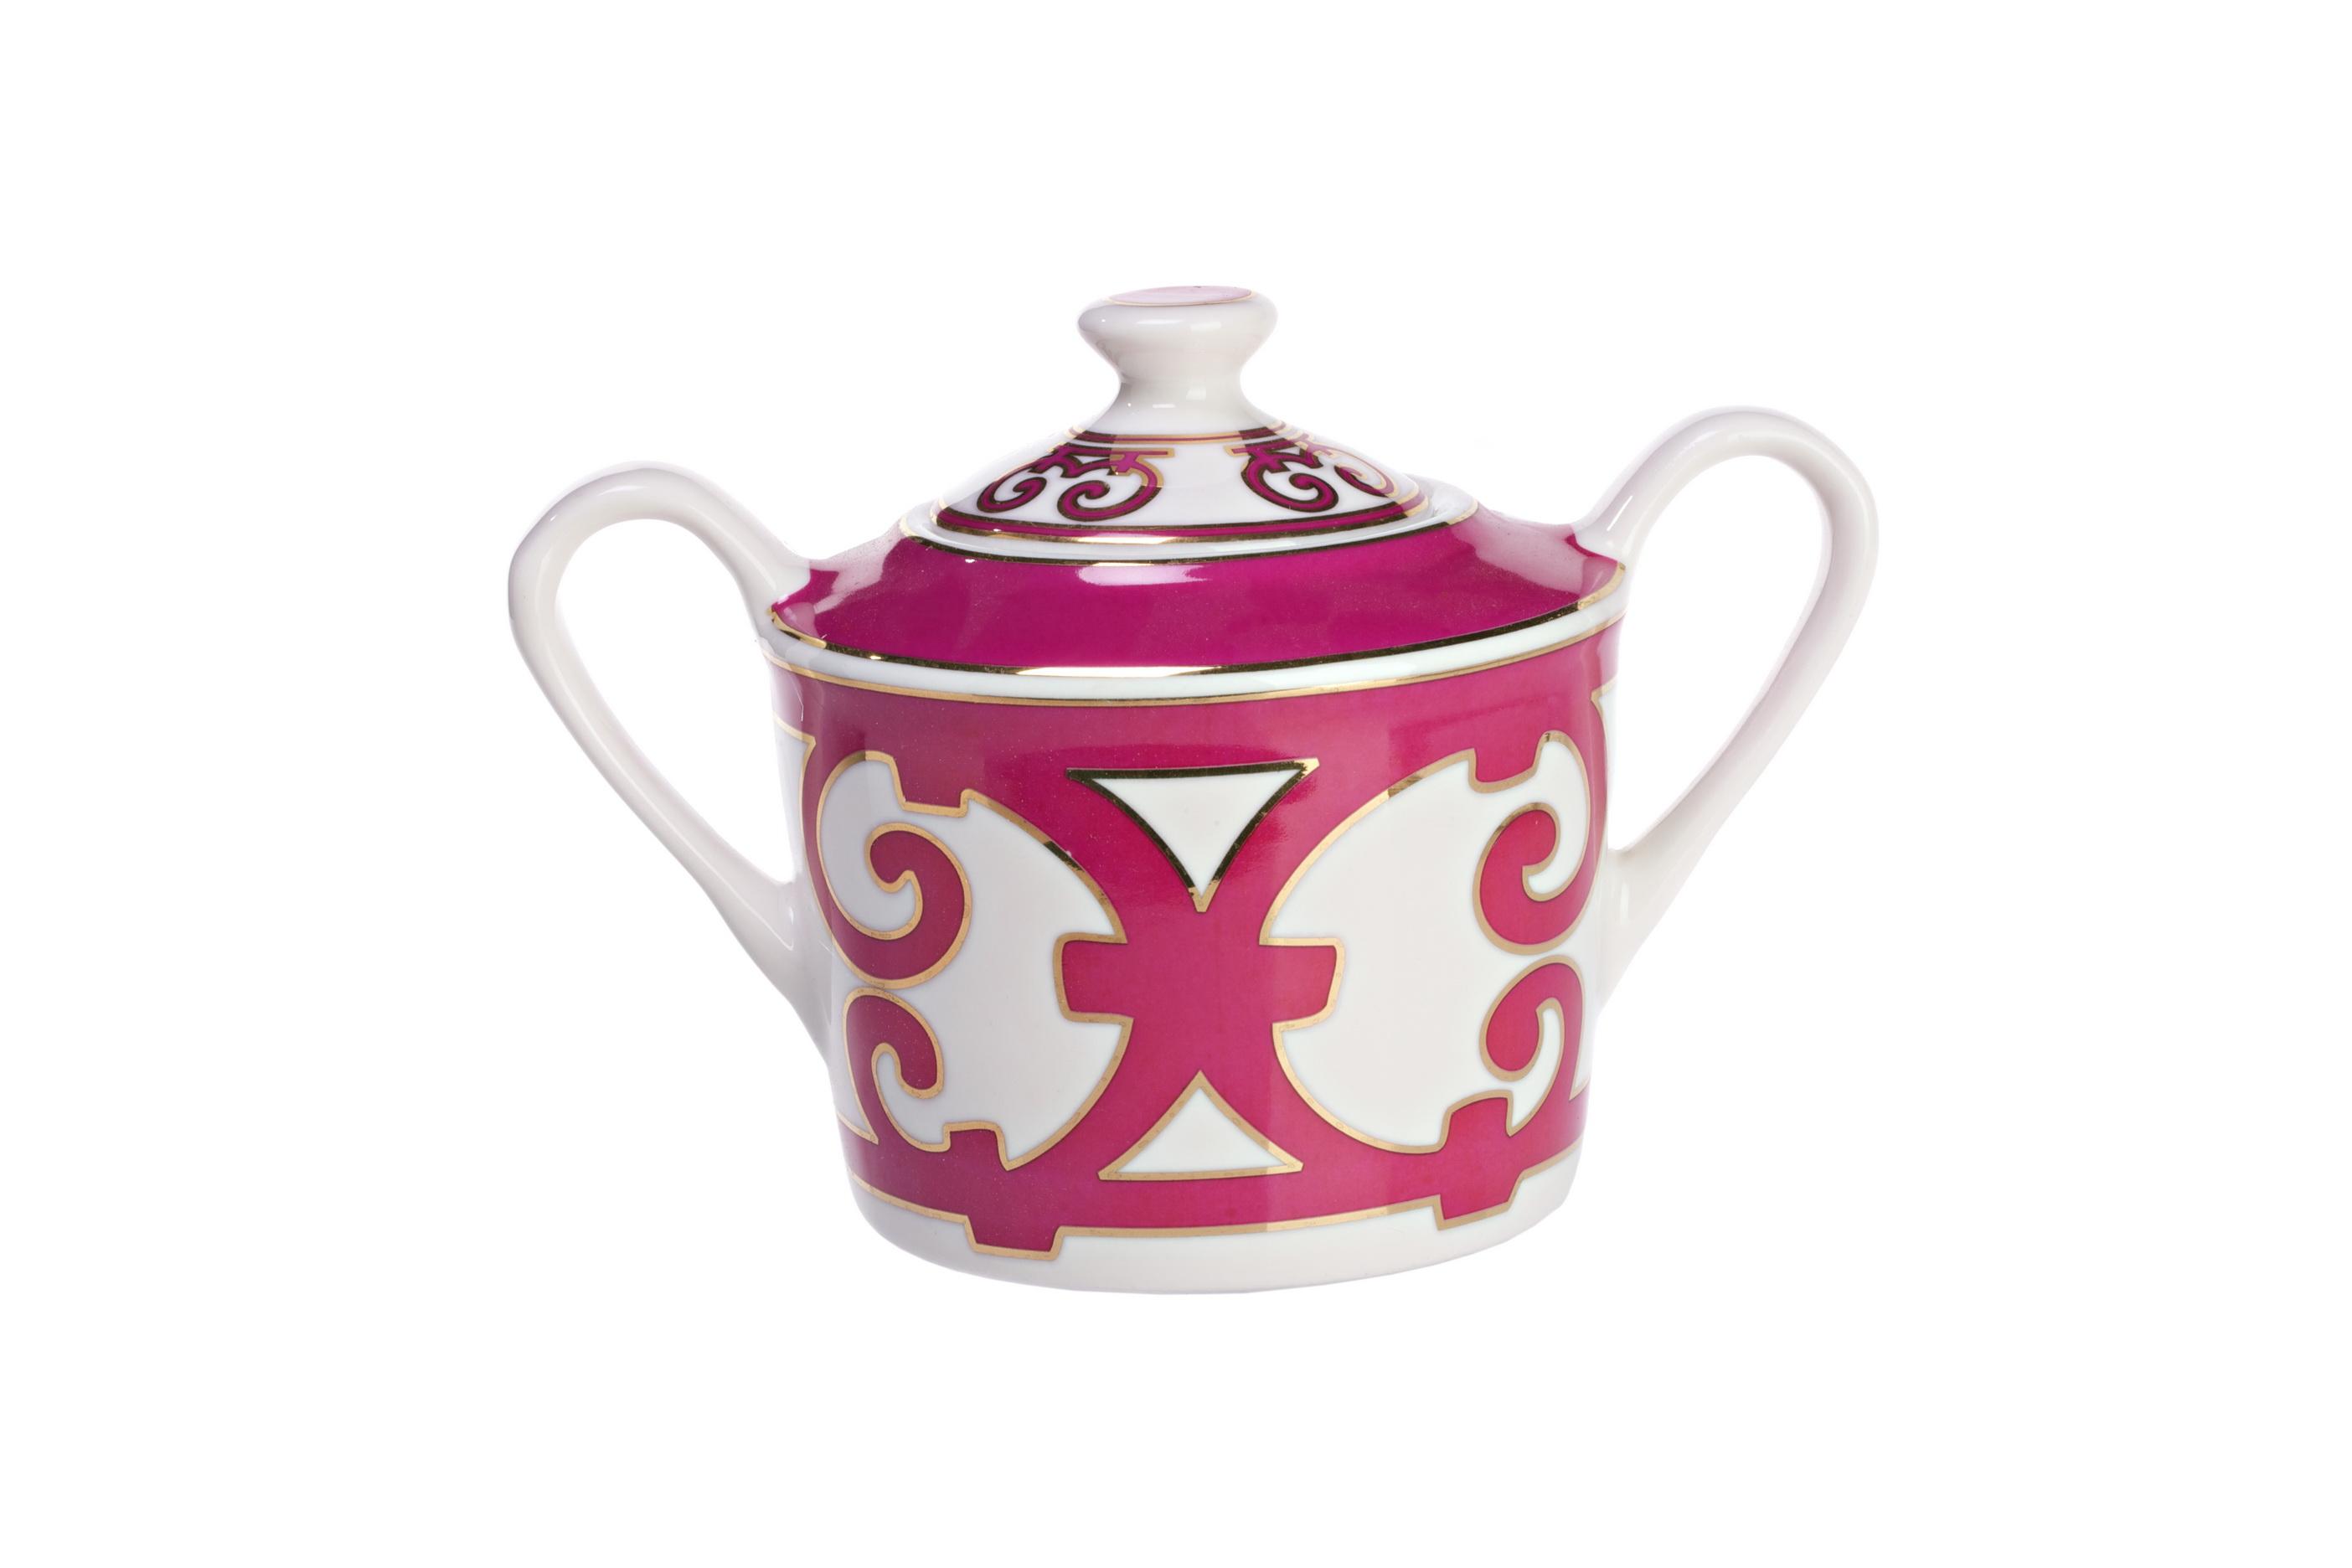 Сахарница SiennaСахарницы<br>«Дух дома живет в сахарнице» — говорил французский поэт Поль Верлен. Существует легенда, согласно которой он частенько приносил с собой сахарницу в кафе, как будто приглашая друзей на чаепитие. В этой удивительной истории есть зерно истины. Сахарница наряду с заварочным чайником — главные предметы чайной церемонии, традиционно объединяющей друзей за чашкой крепкого ароматного чая.<br>Элегантная сахарница из костяного фарфора коллекции Sienna украшена ярким эффектным узором в стиле модерн (moderne). Вы можете купить ее отдельно или в комплекте с другими изделиями данной серии.<br><br>Material: Фарфор<br>Width см: 11<br>Depth см: 10<br>Height см: 16